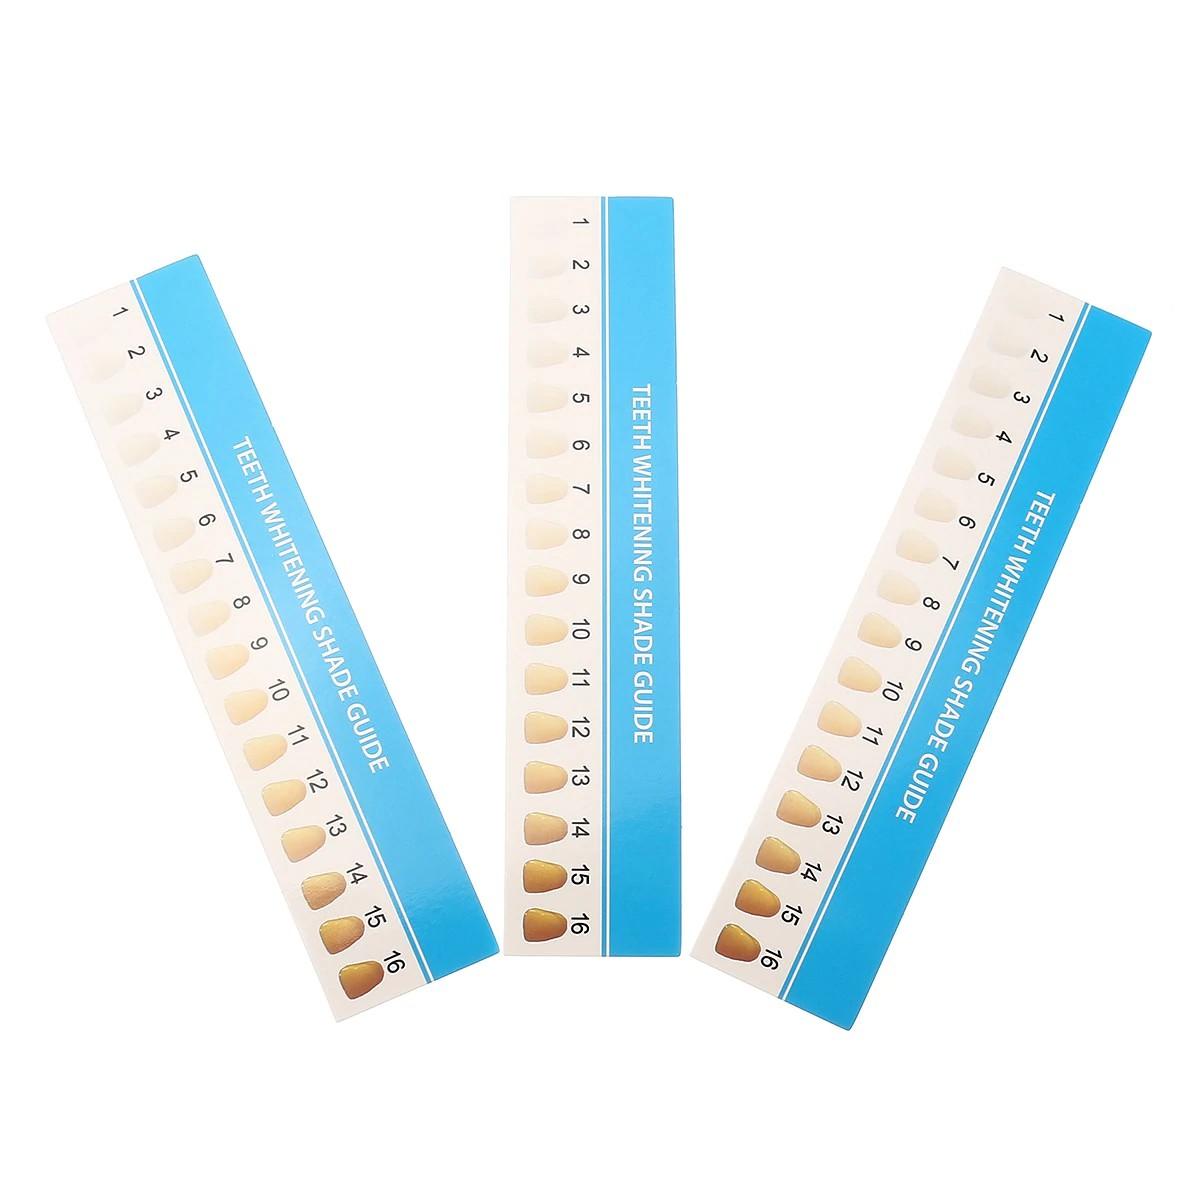 papierová karta s odtieňmi zosvetlenia na porovnanie bielenia zubov